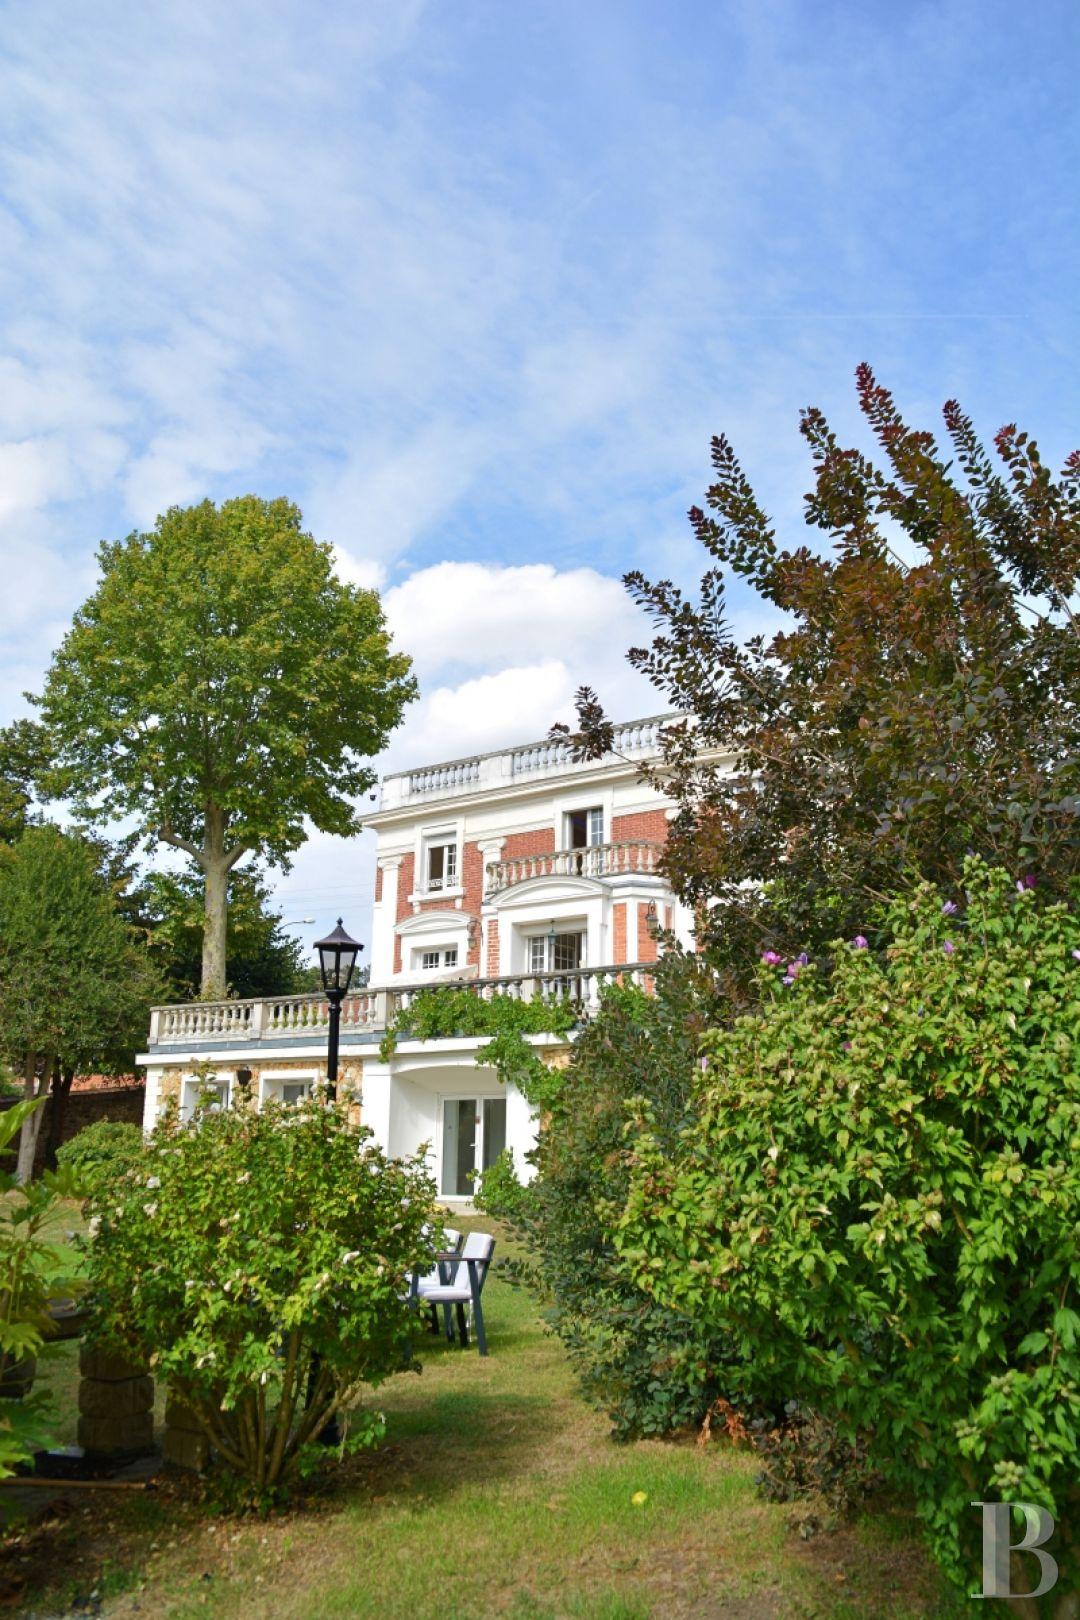 Maison De Campagne Vexin dans les yvelines, face à la seine, à 40mn de paris, une élégante propriété  de 1837 au cœur d'un parc de 4200m2, avec piscine intérieure, sauna et